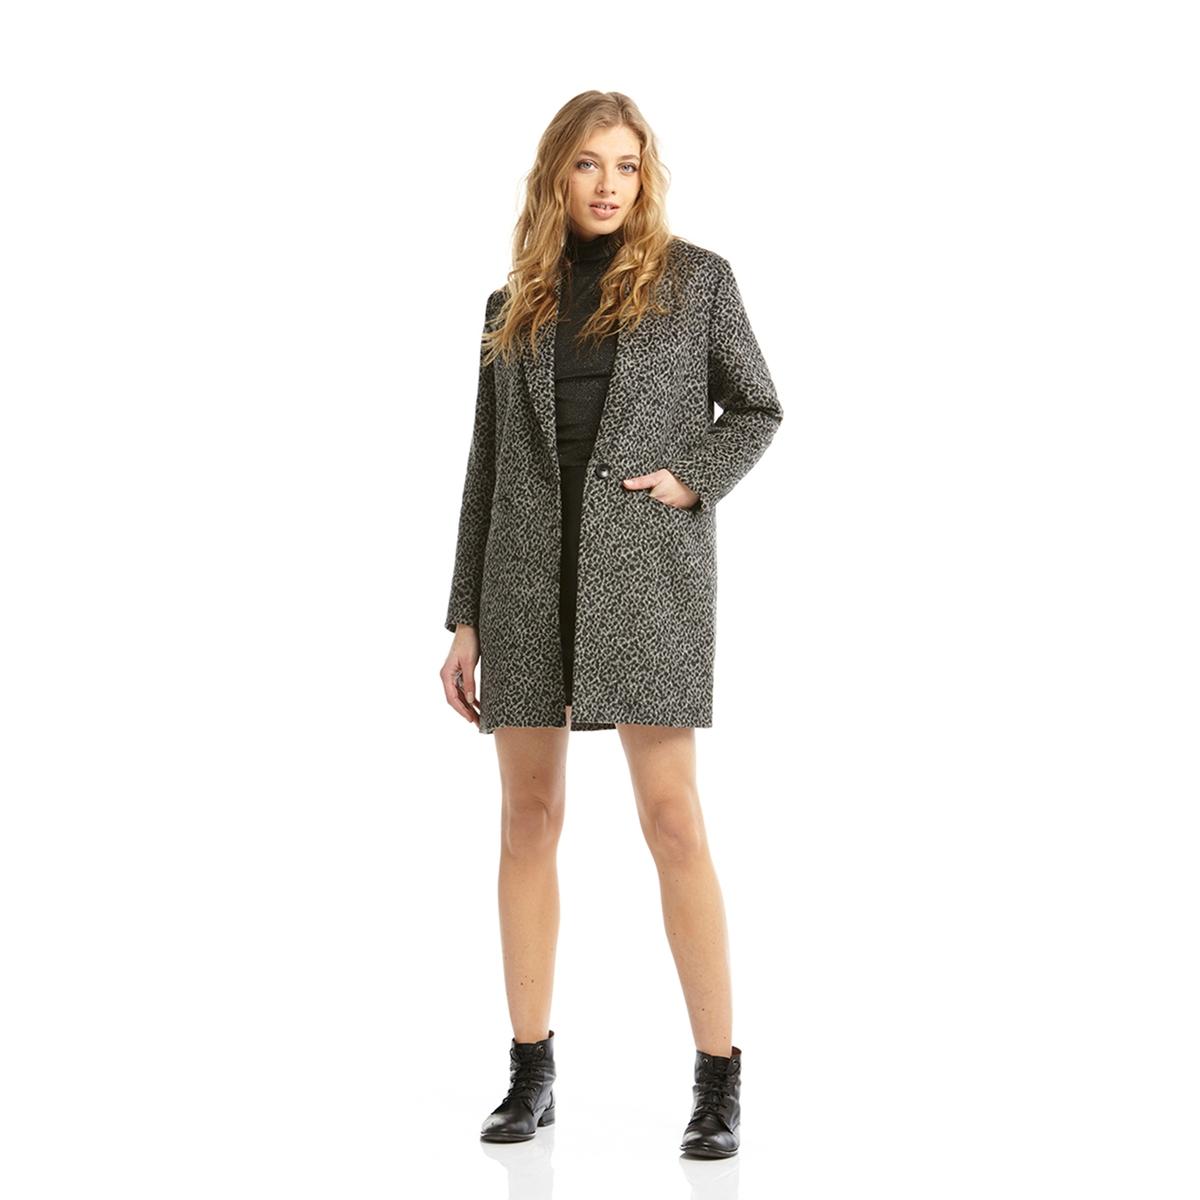 Пальто с леопардовым принтом, 30% шерстиСостав и описание:Марка: CHARLISE.  Материал: 30% шерсти, 70% акрила.Подкладка:    100% полиэстера.<br><br>Цвет: черный<br>Размер: 42 (FR) - 48 (RUS).40 (FR) - 46 (RUS)